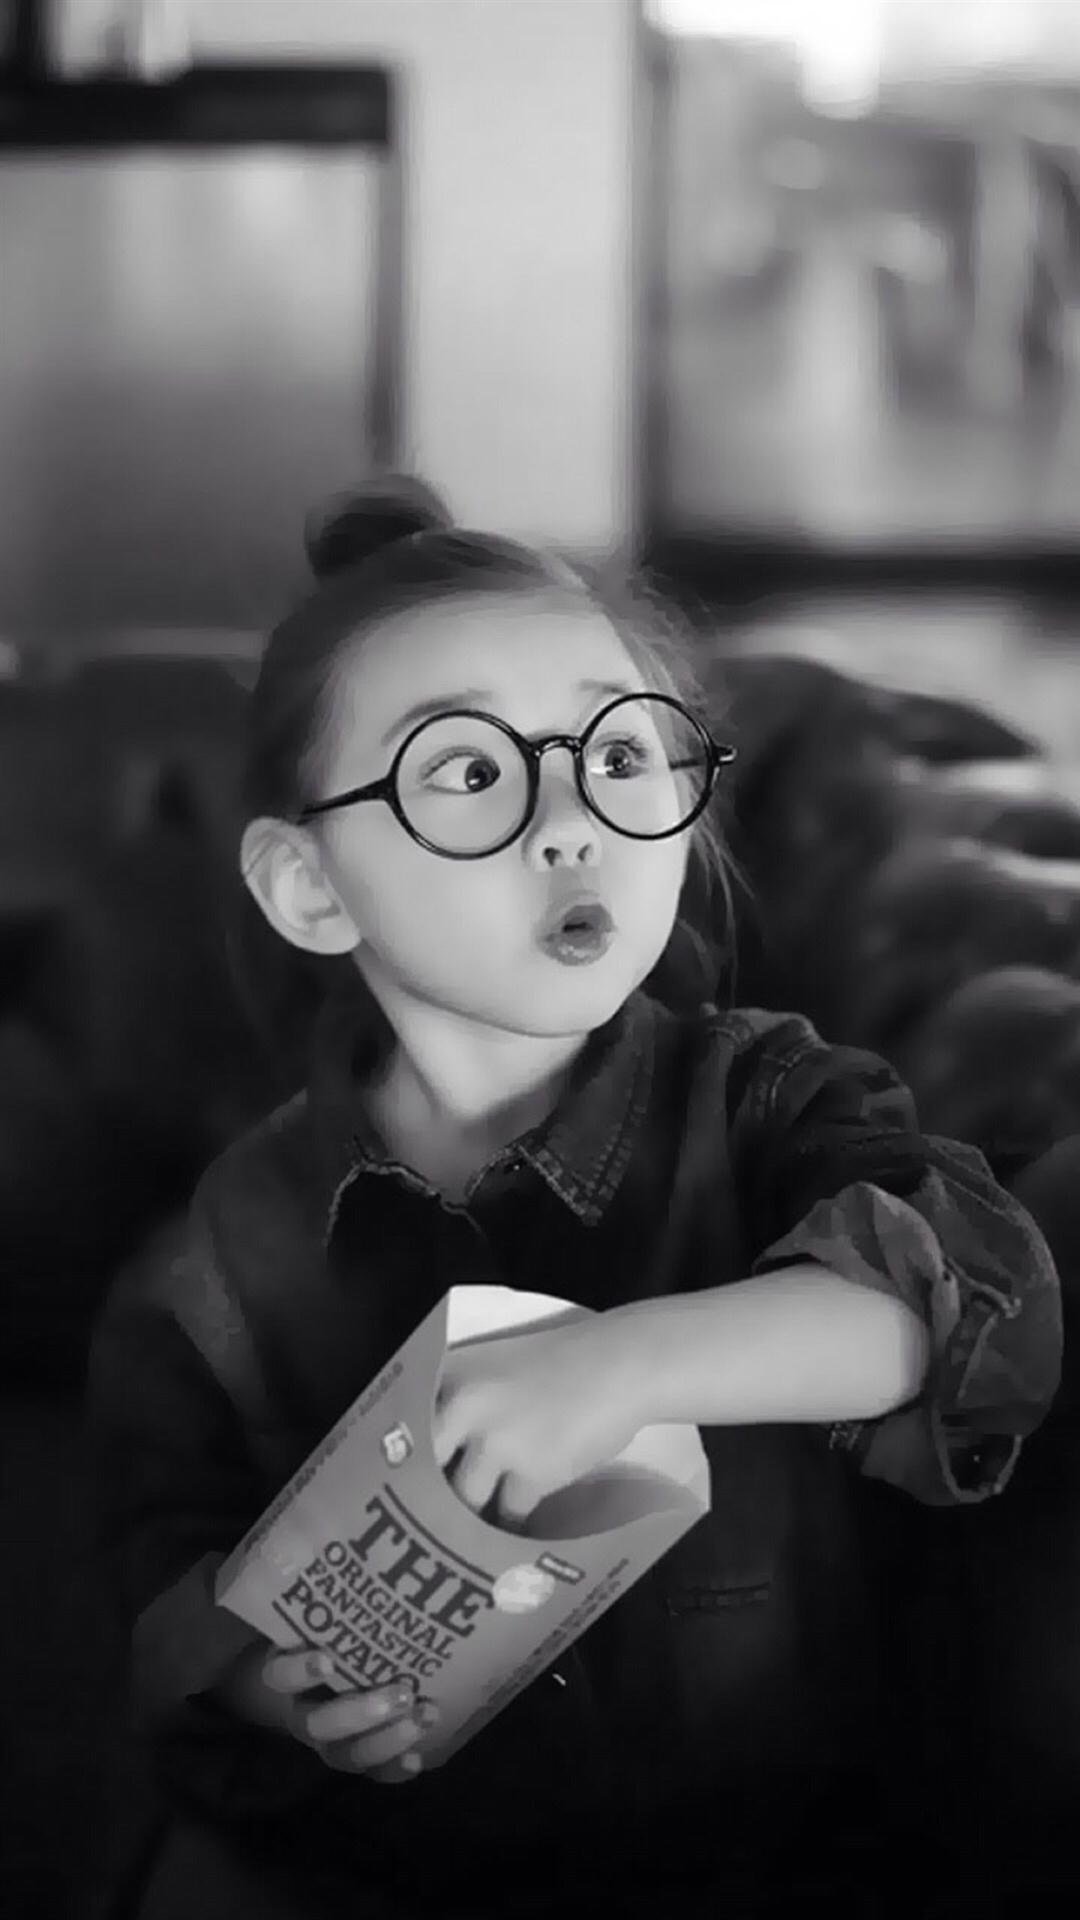 电脑上wap网:萌娃 黑白 爱 女孩 眼镜 苹果手机高清壁纸 1080x1920